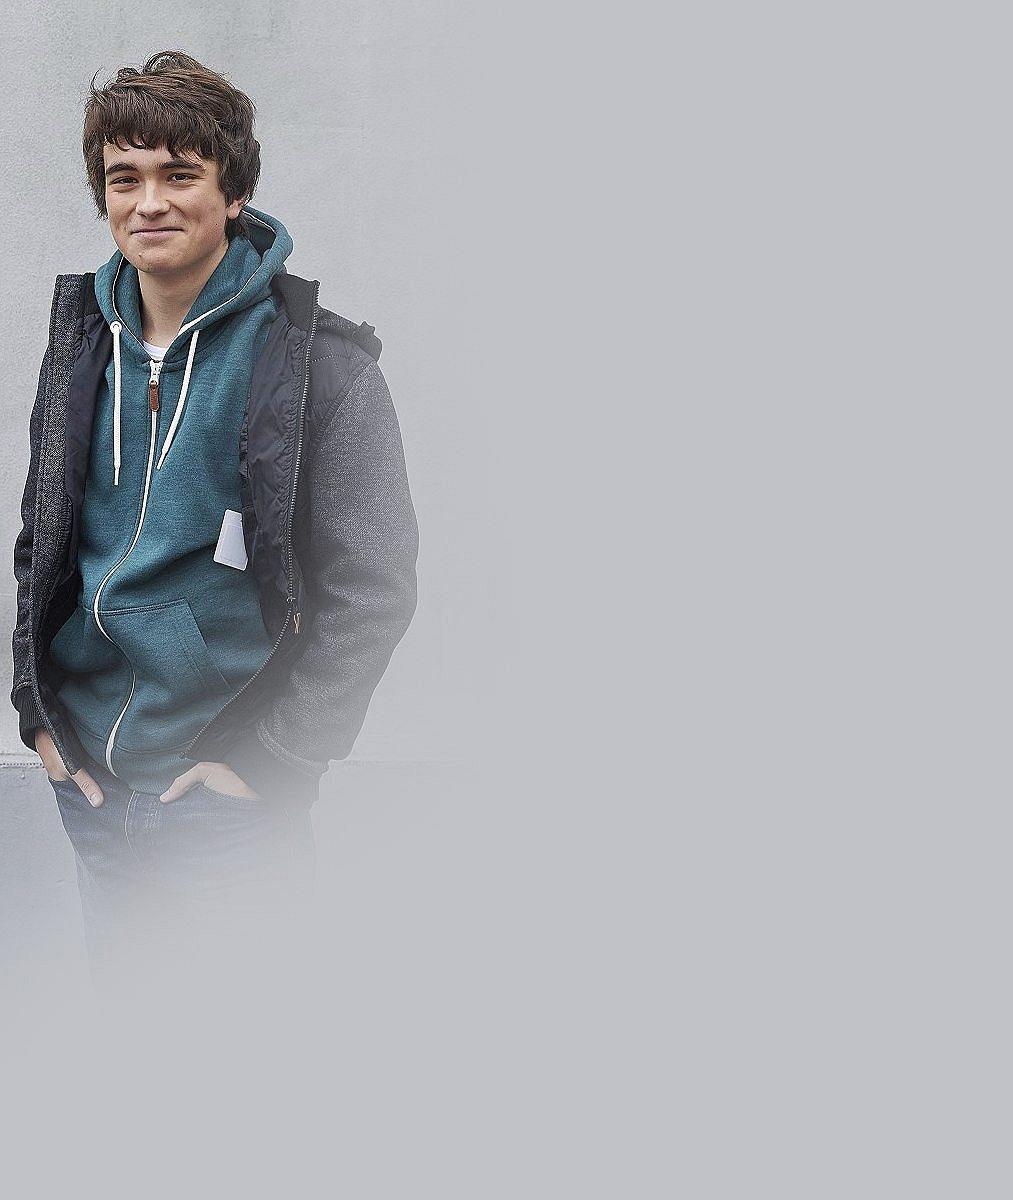 Víte, kdo je tento usměvavý hezounek z Ulice? O 10 let mladší bratr Jirky Mádla